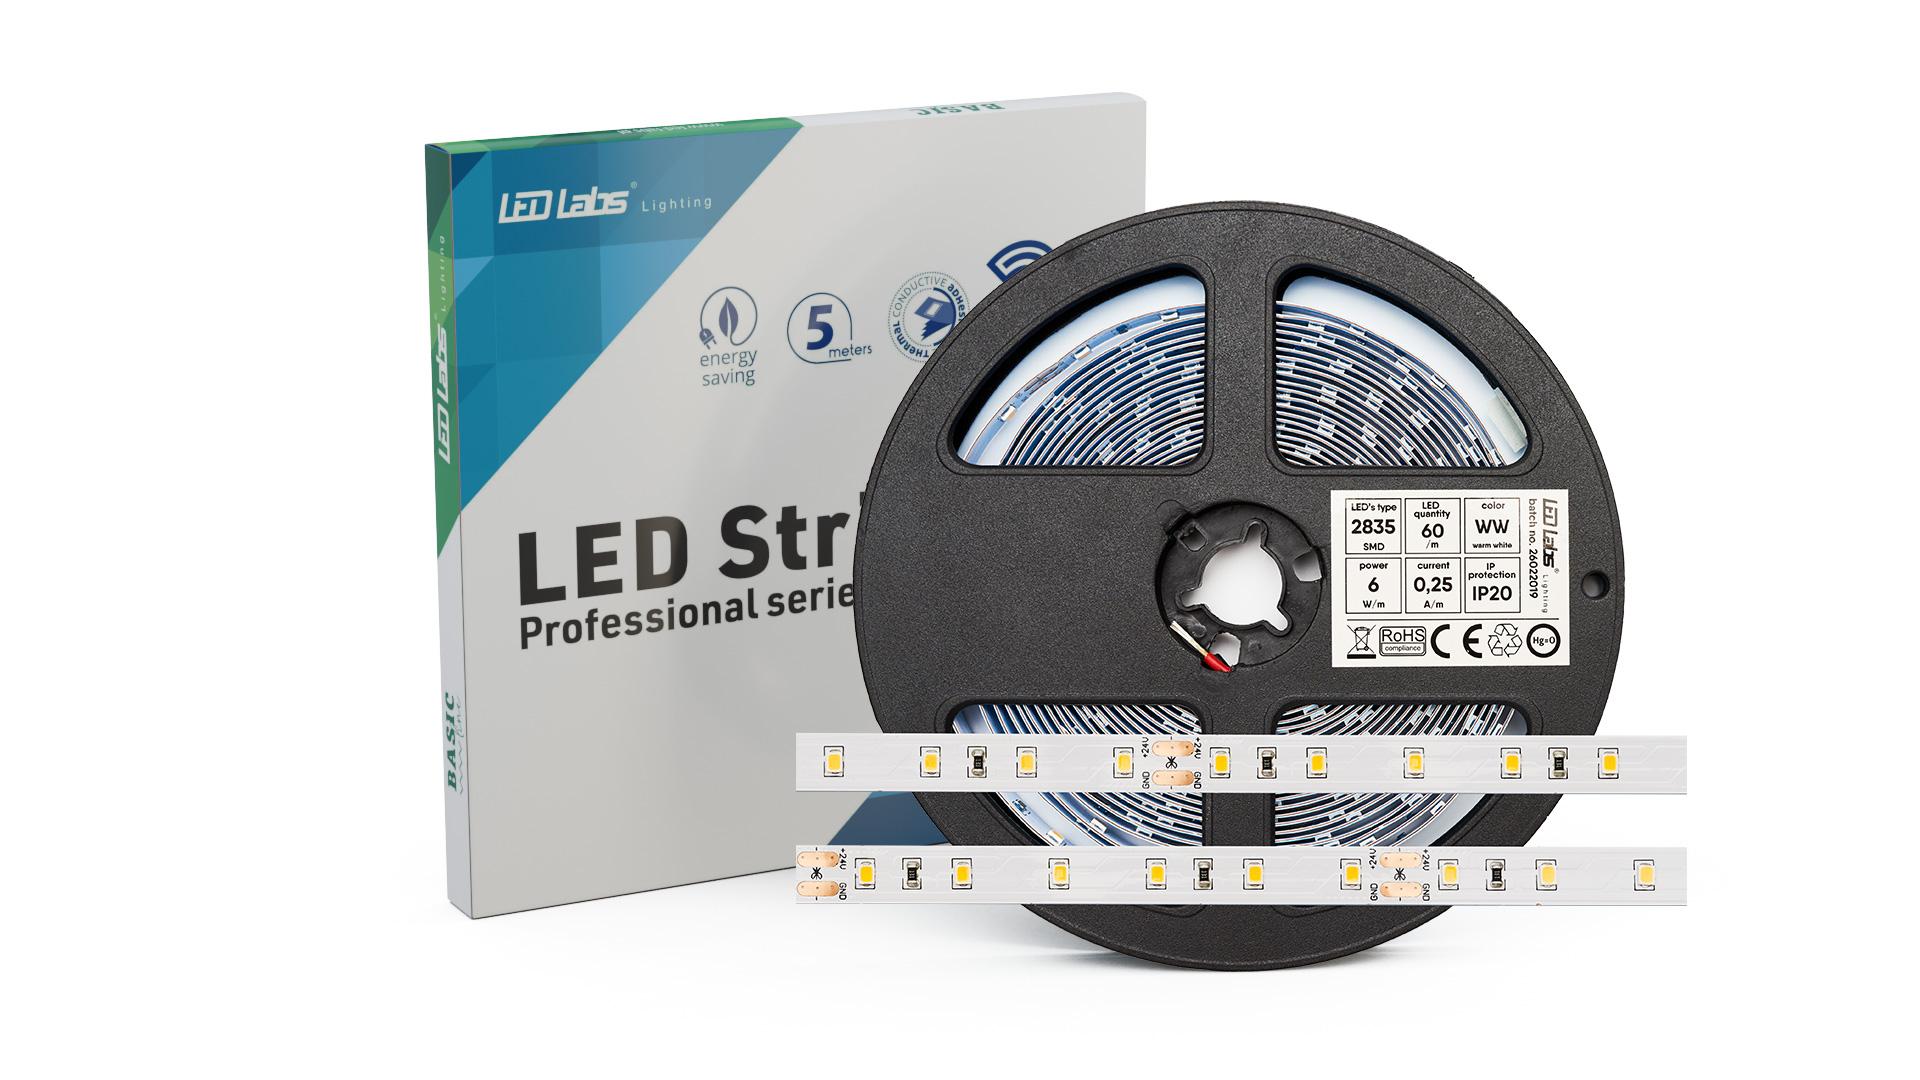 LED Strip PRO 3YB 12V 300 LED 2835 SMD 6W, Warm white